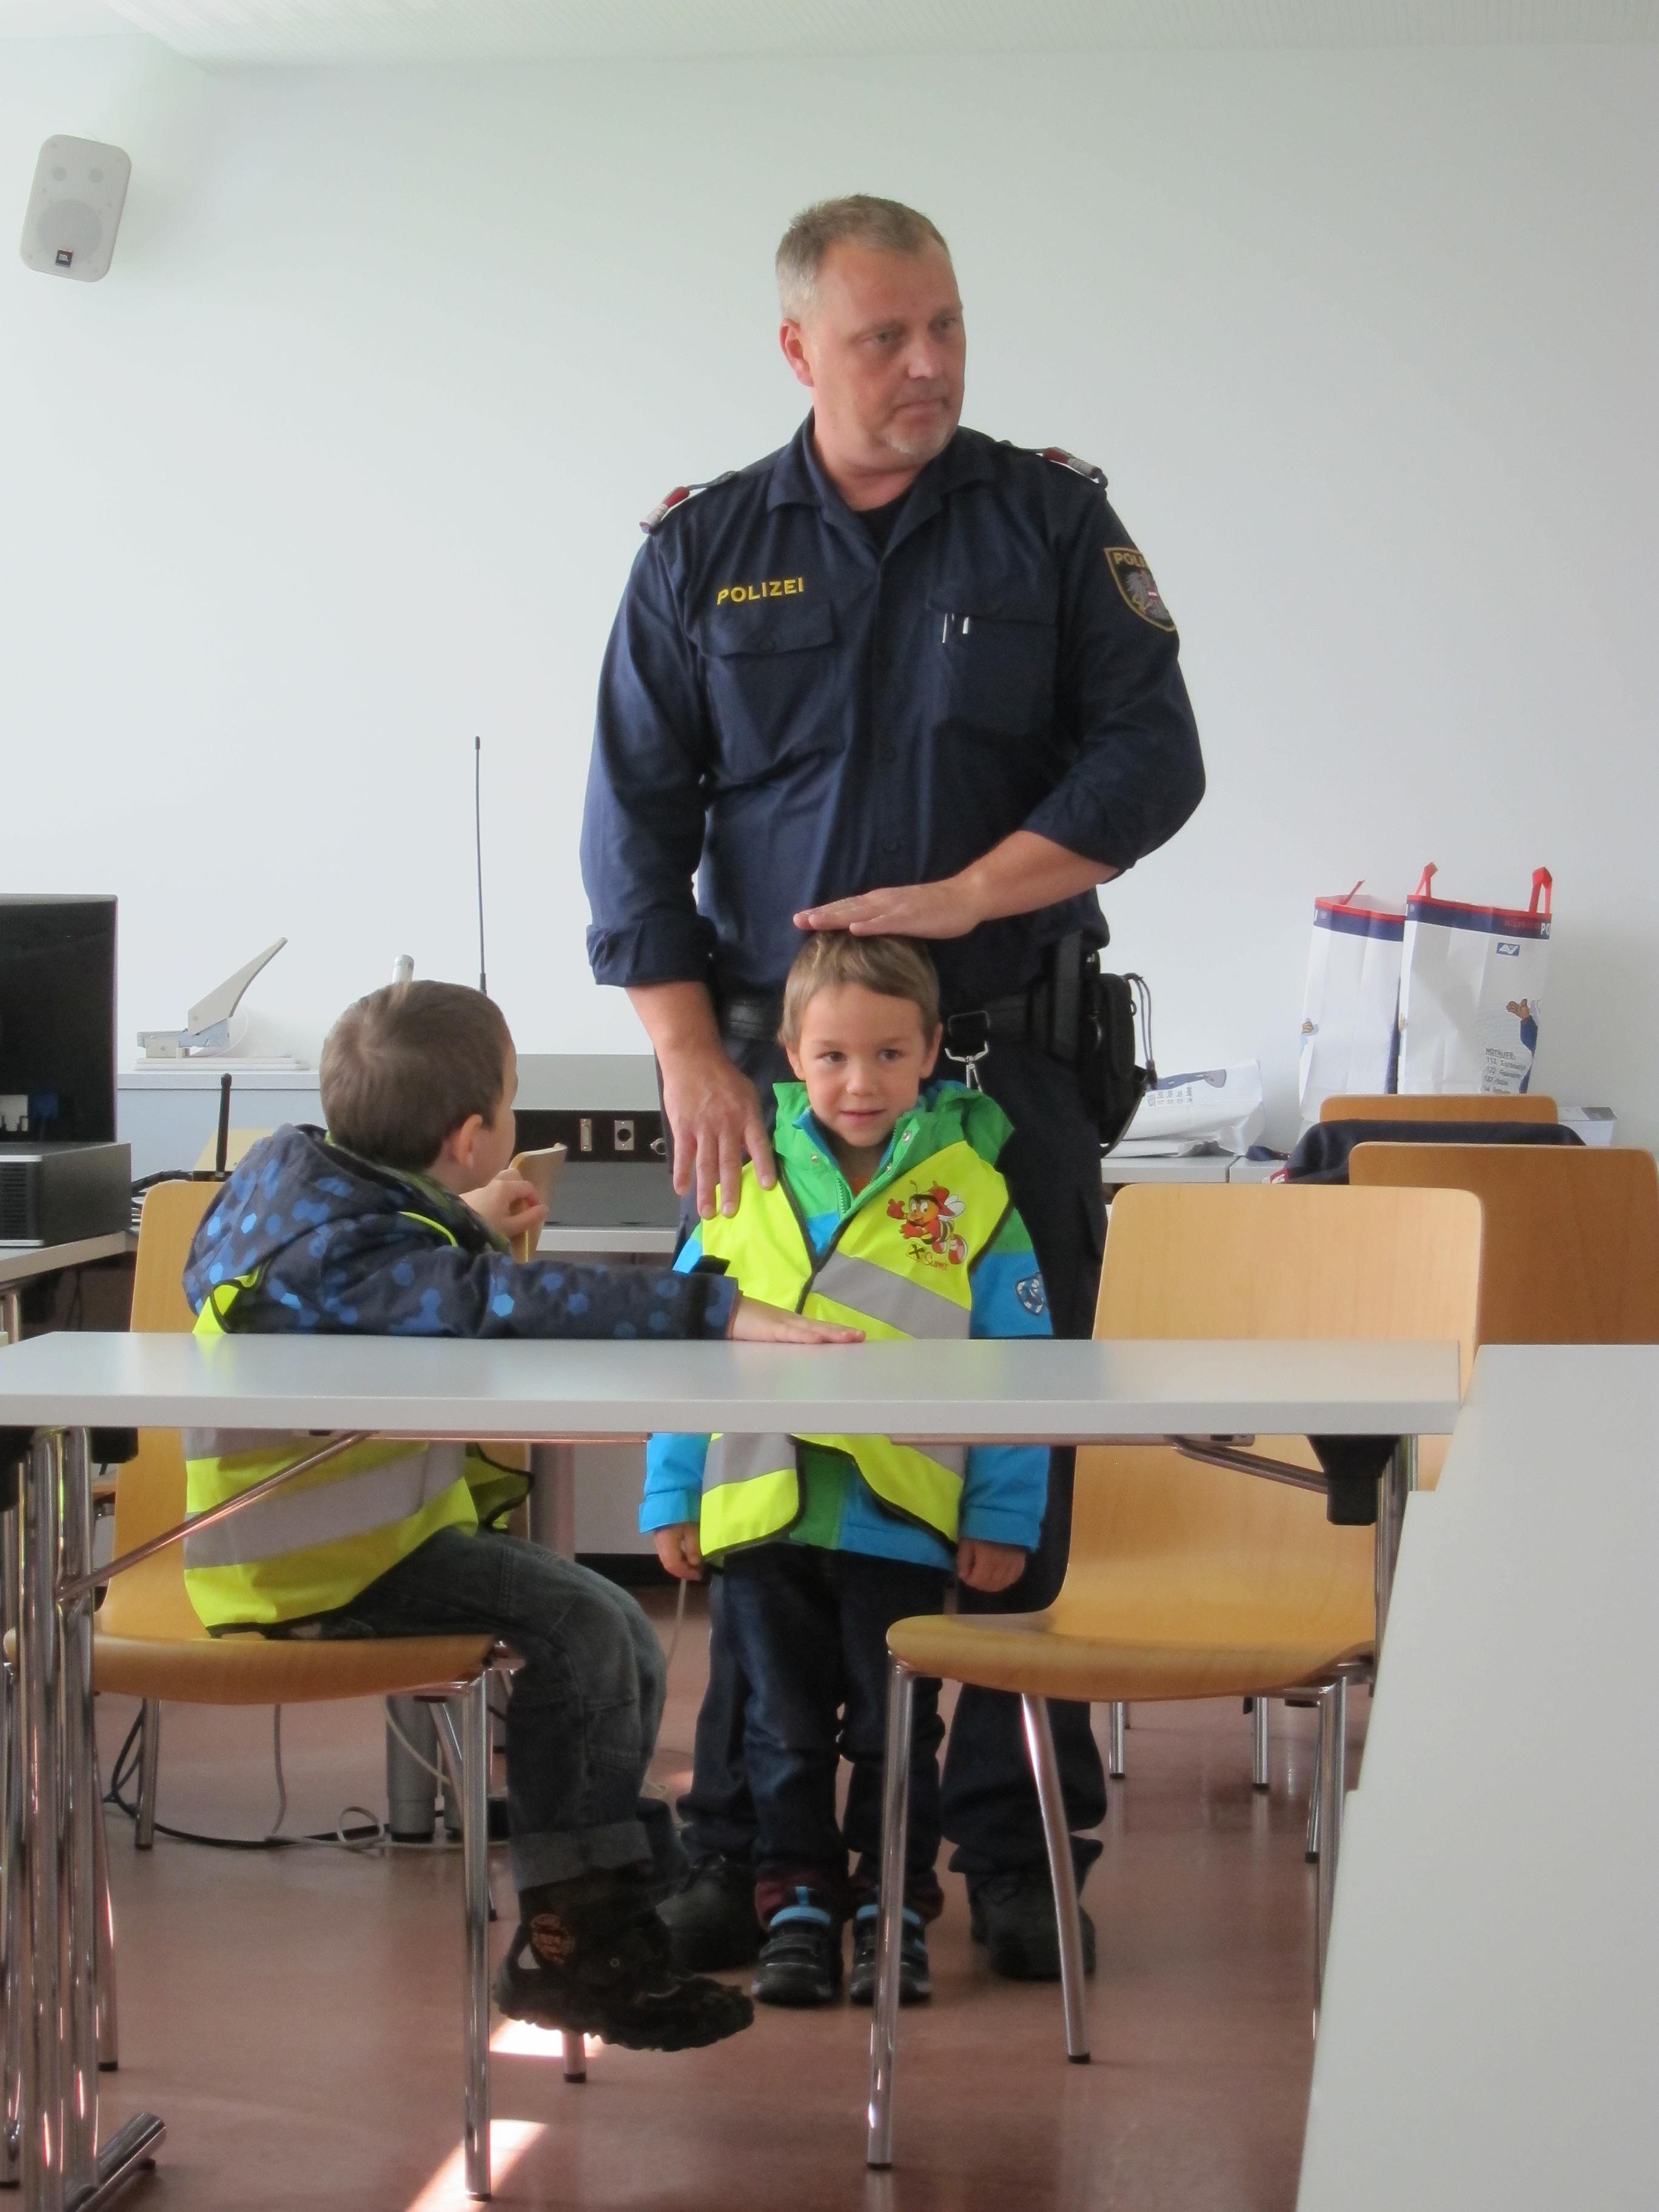 Exkursion Polizei_Okt15 (72).JPG